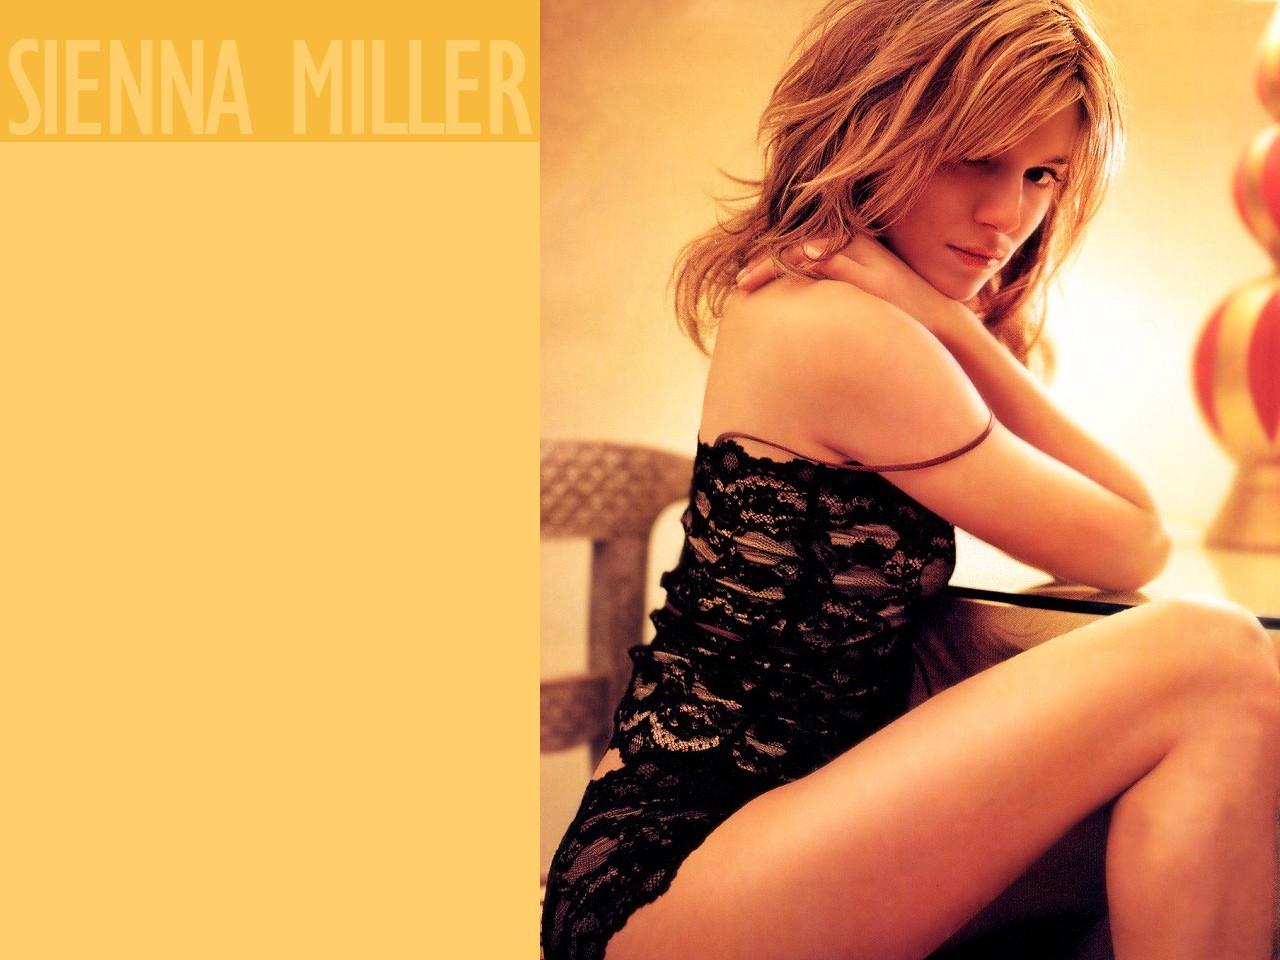 Un wallpaper dell'attrice Sienna Miller